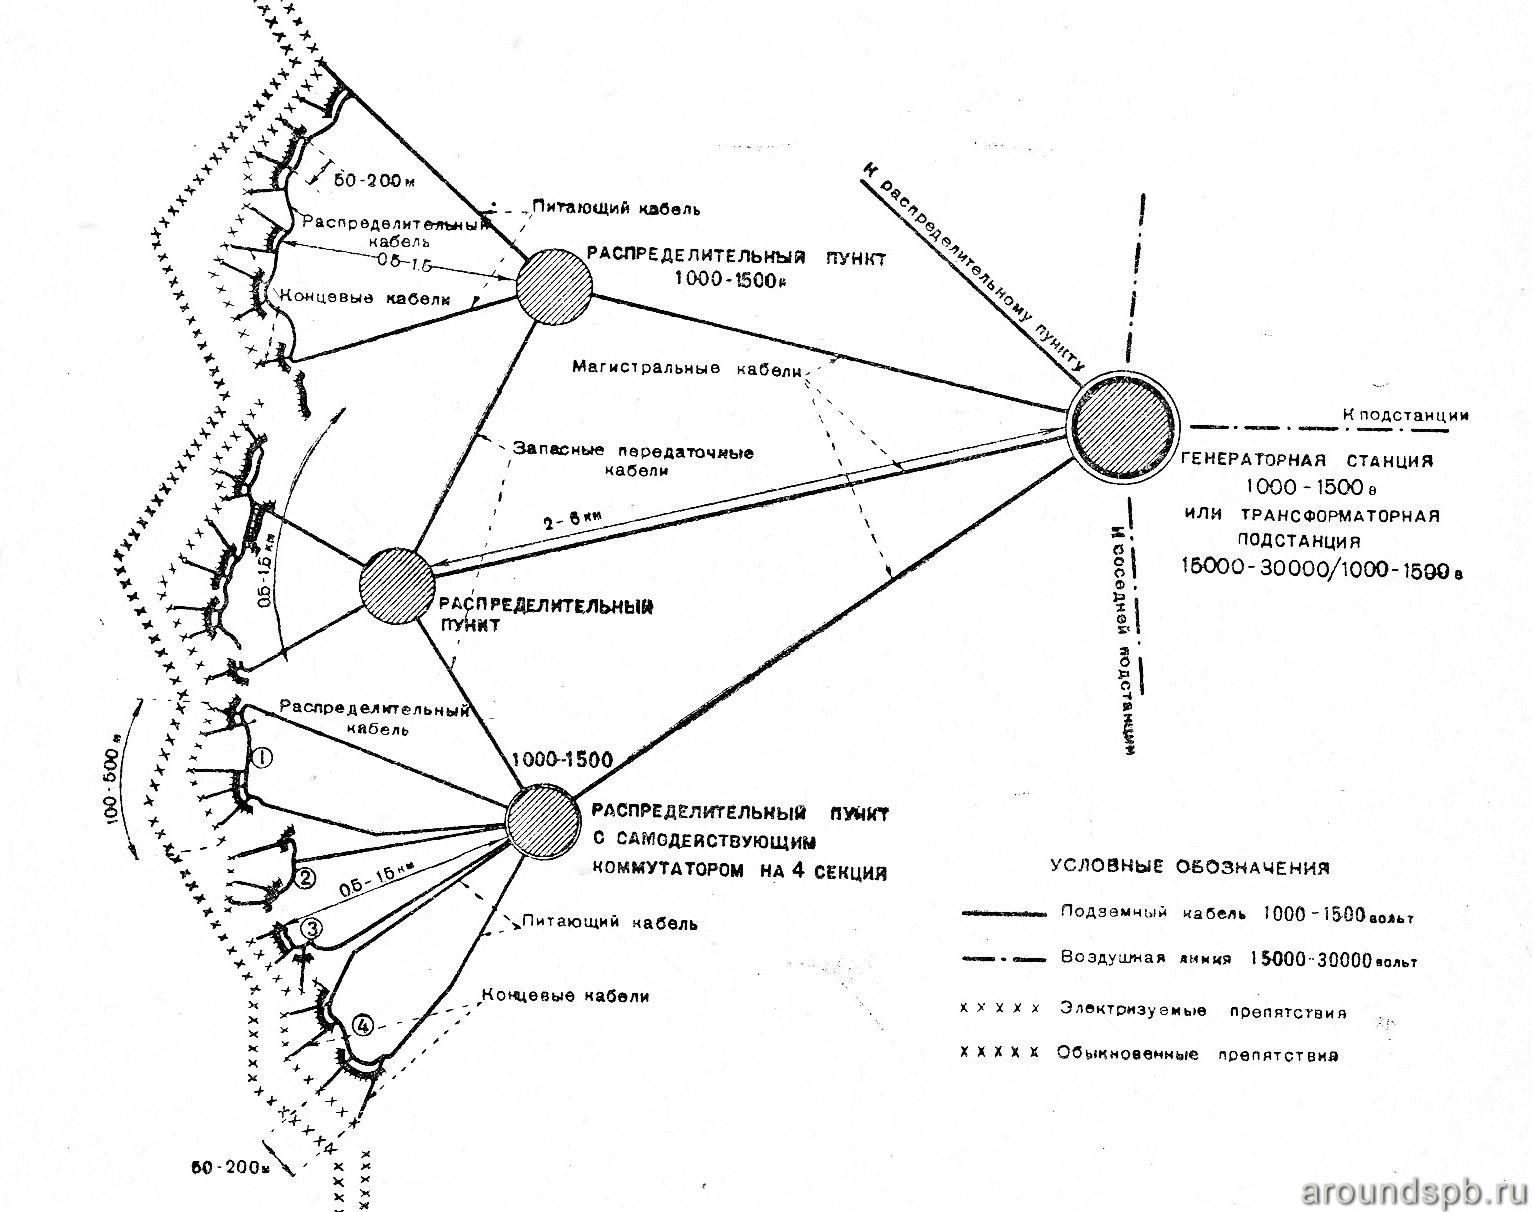 Схема сети питающих проводов  (на примере Лемболовского батрайона). 1938 год.